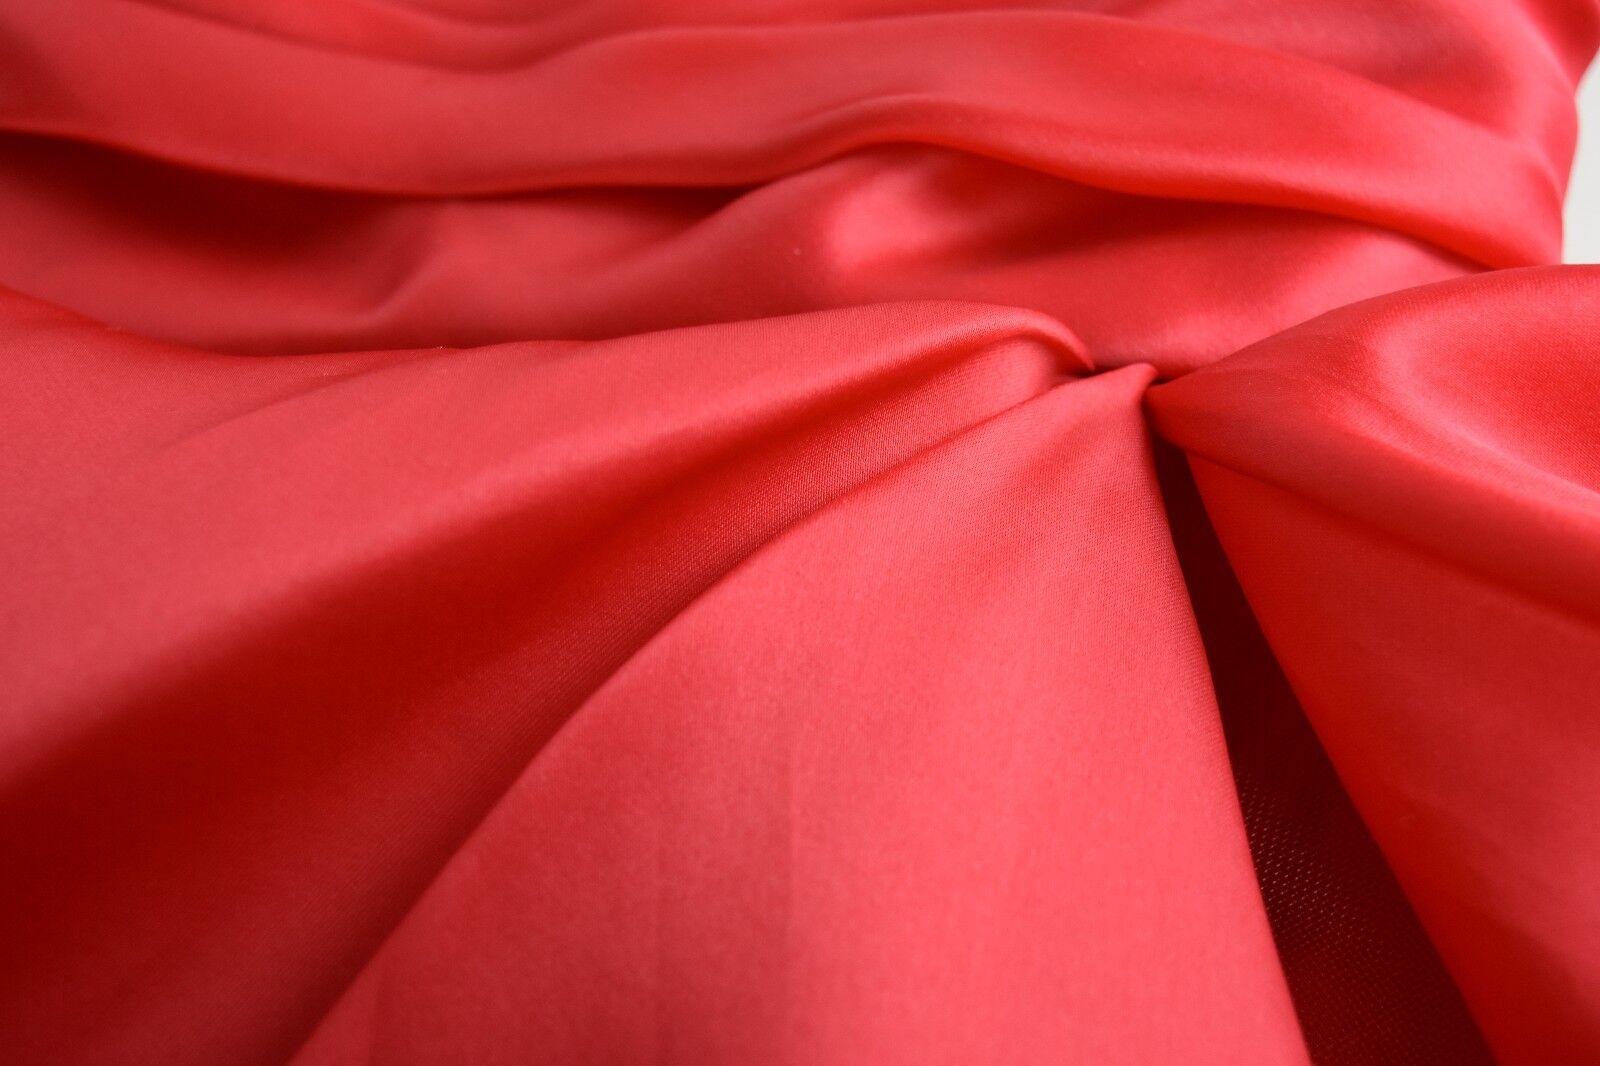 Nuovo 2017 Marchesa Perline Perline Perline Ingioiellato senza Spalline Lunghezza Tè Rosso Abito 54bffd